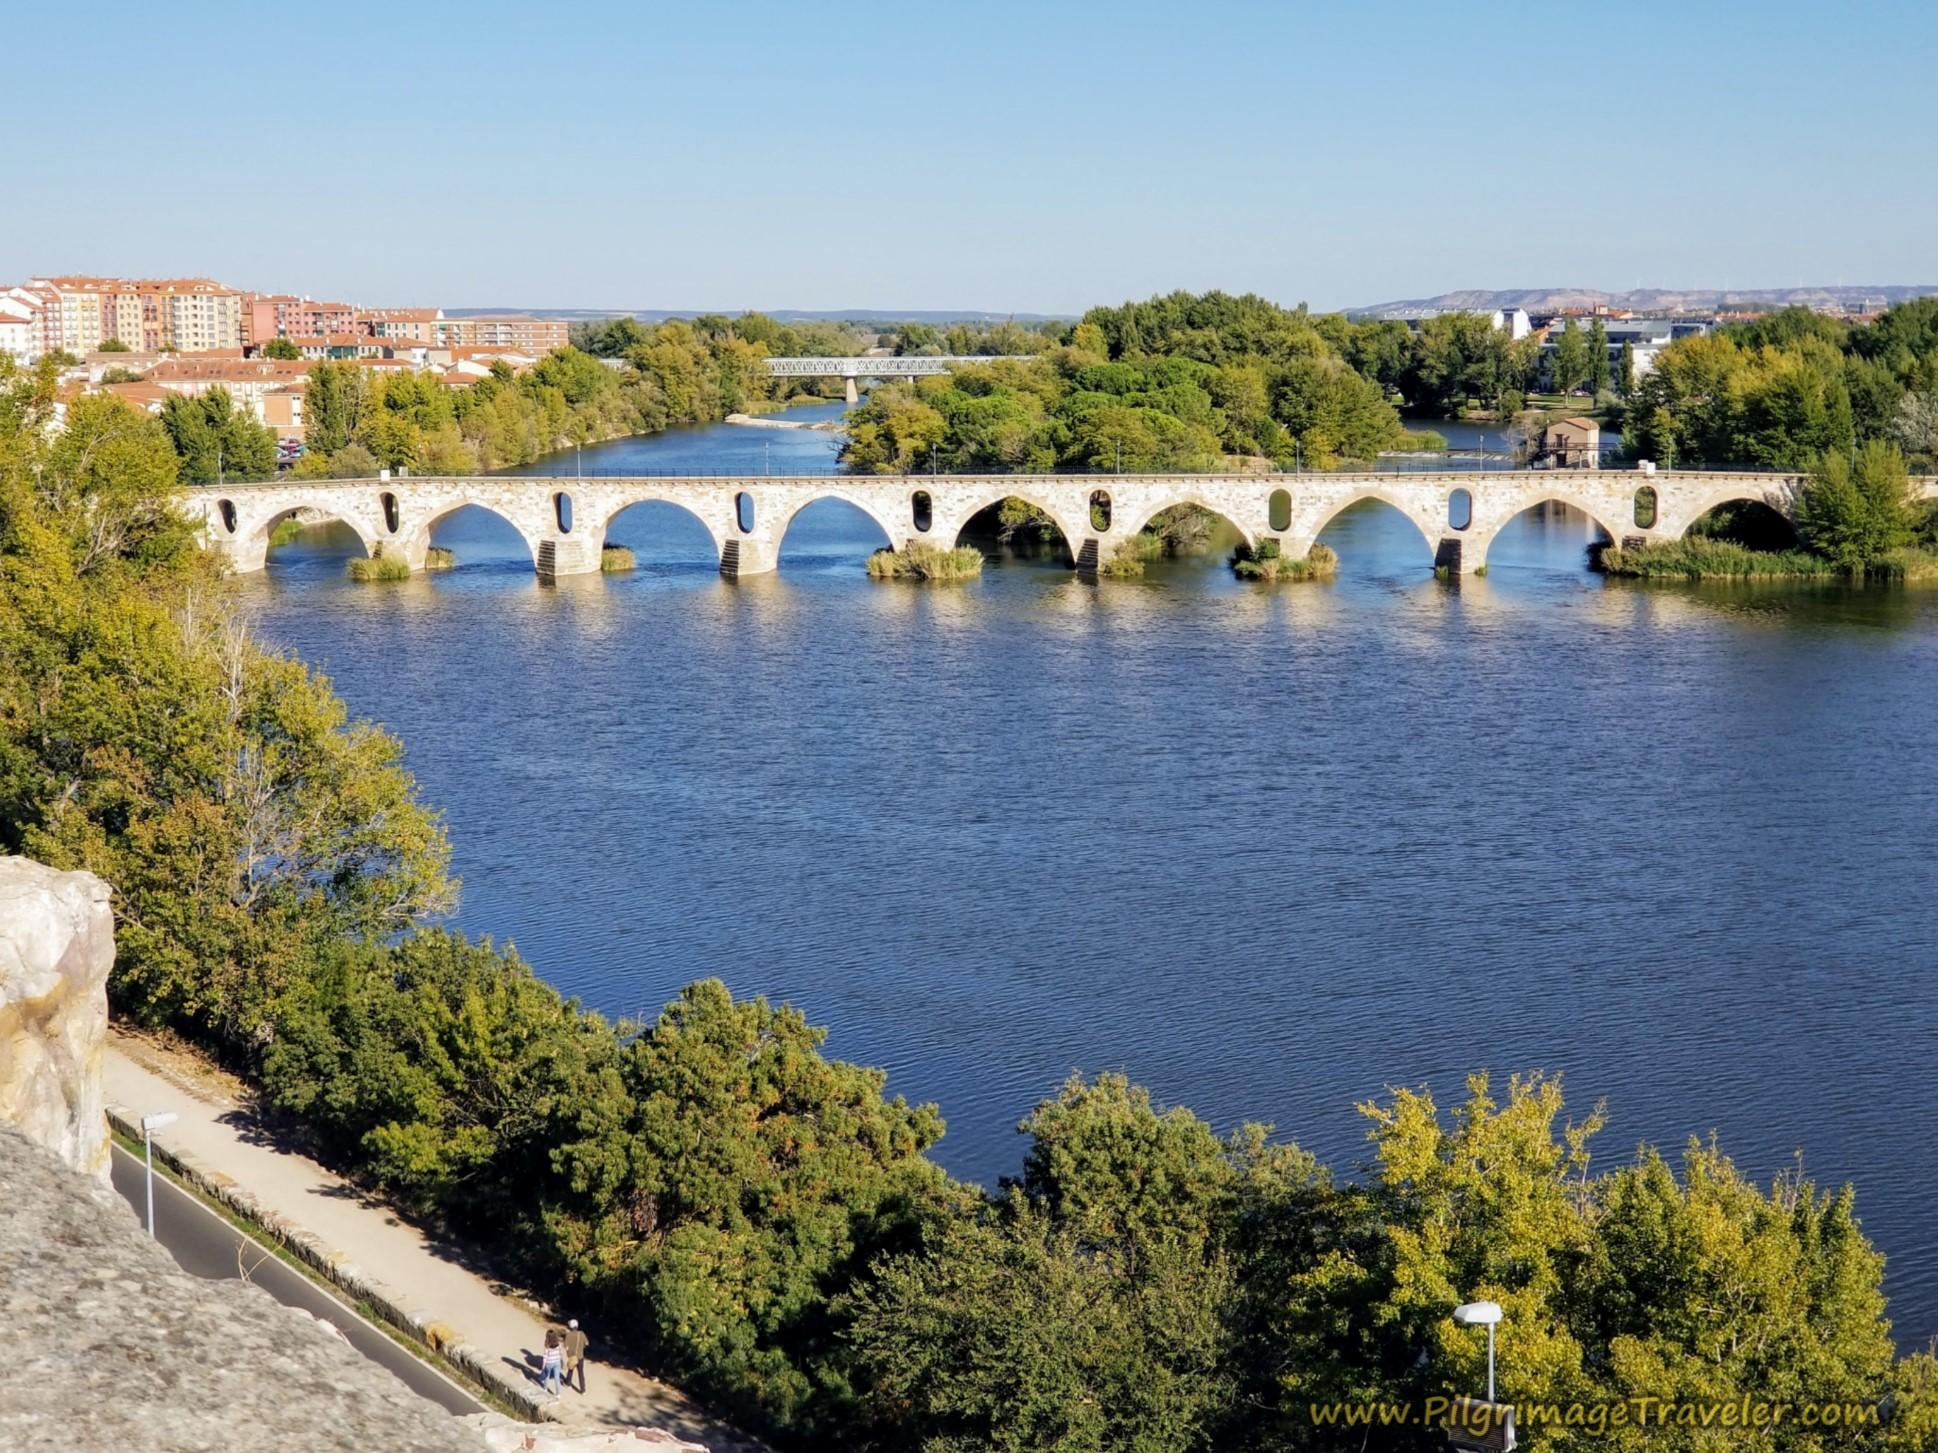 Medieval Bridge from Mirador del Troncoso